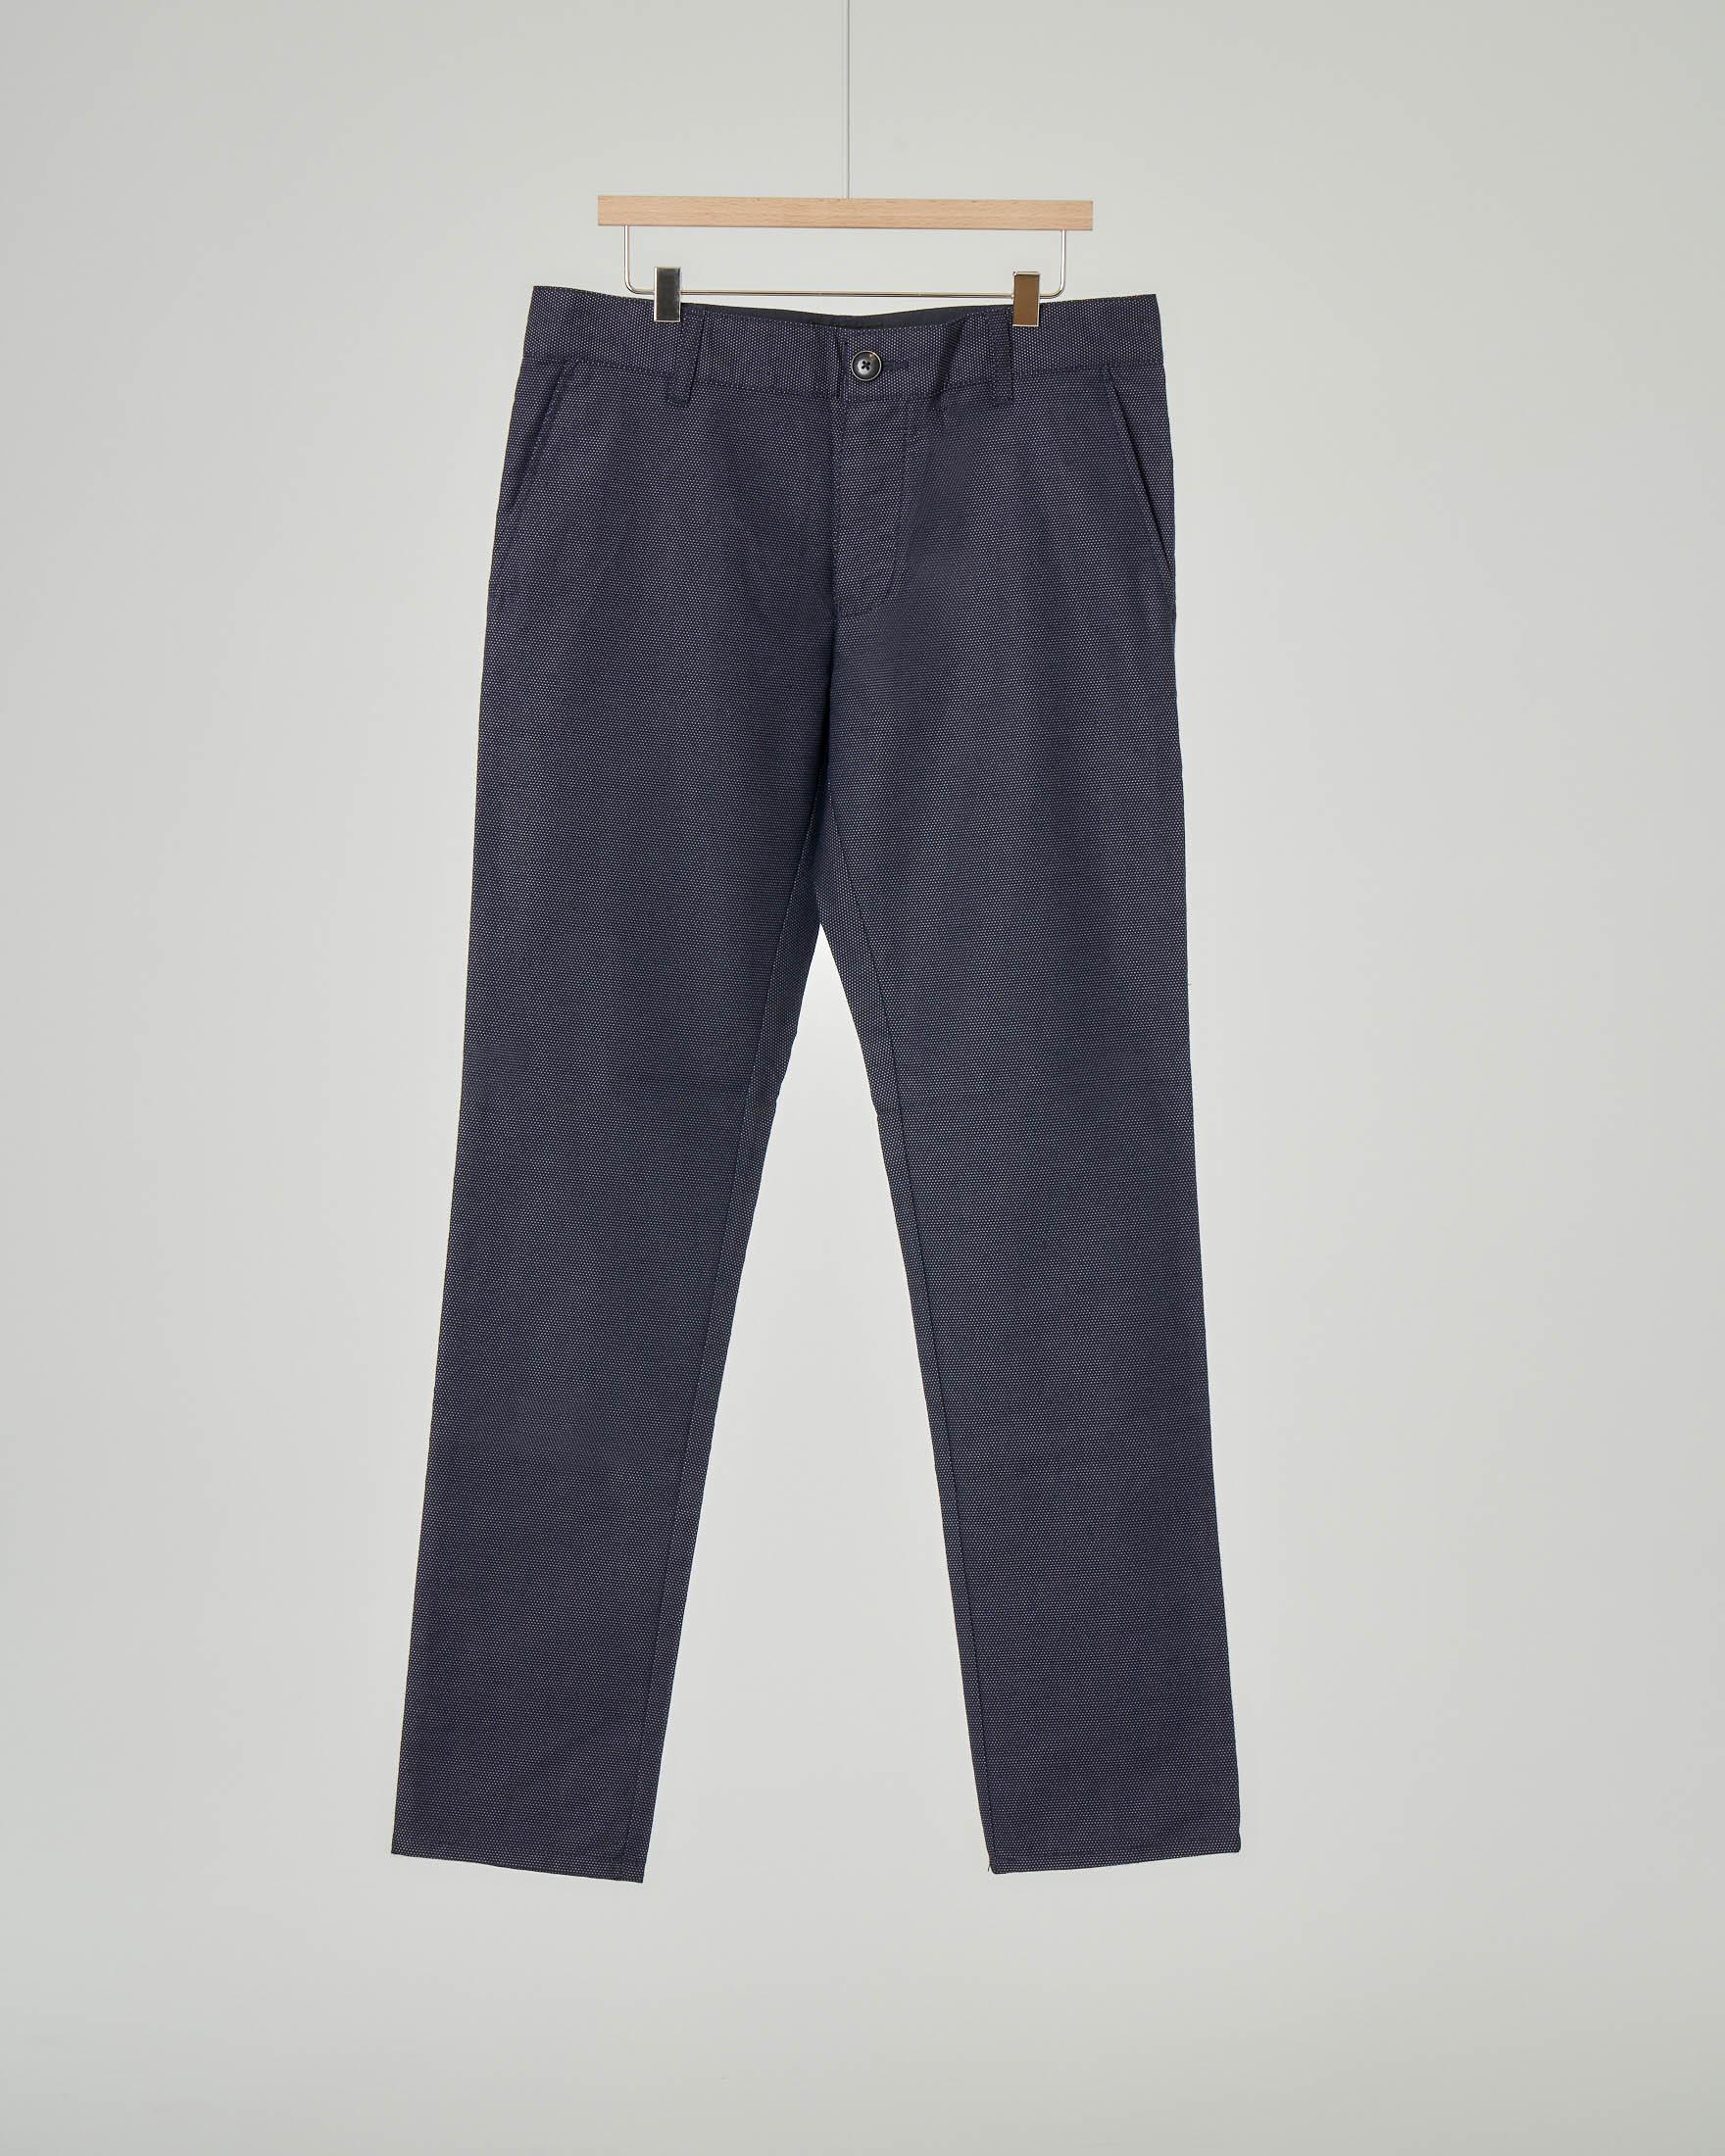 Pantalone chino blu tessuto operato